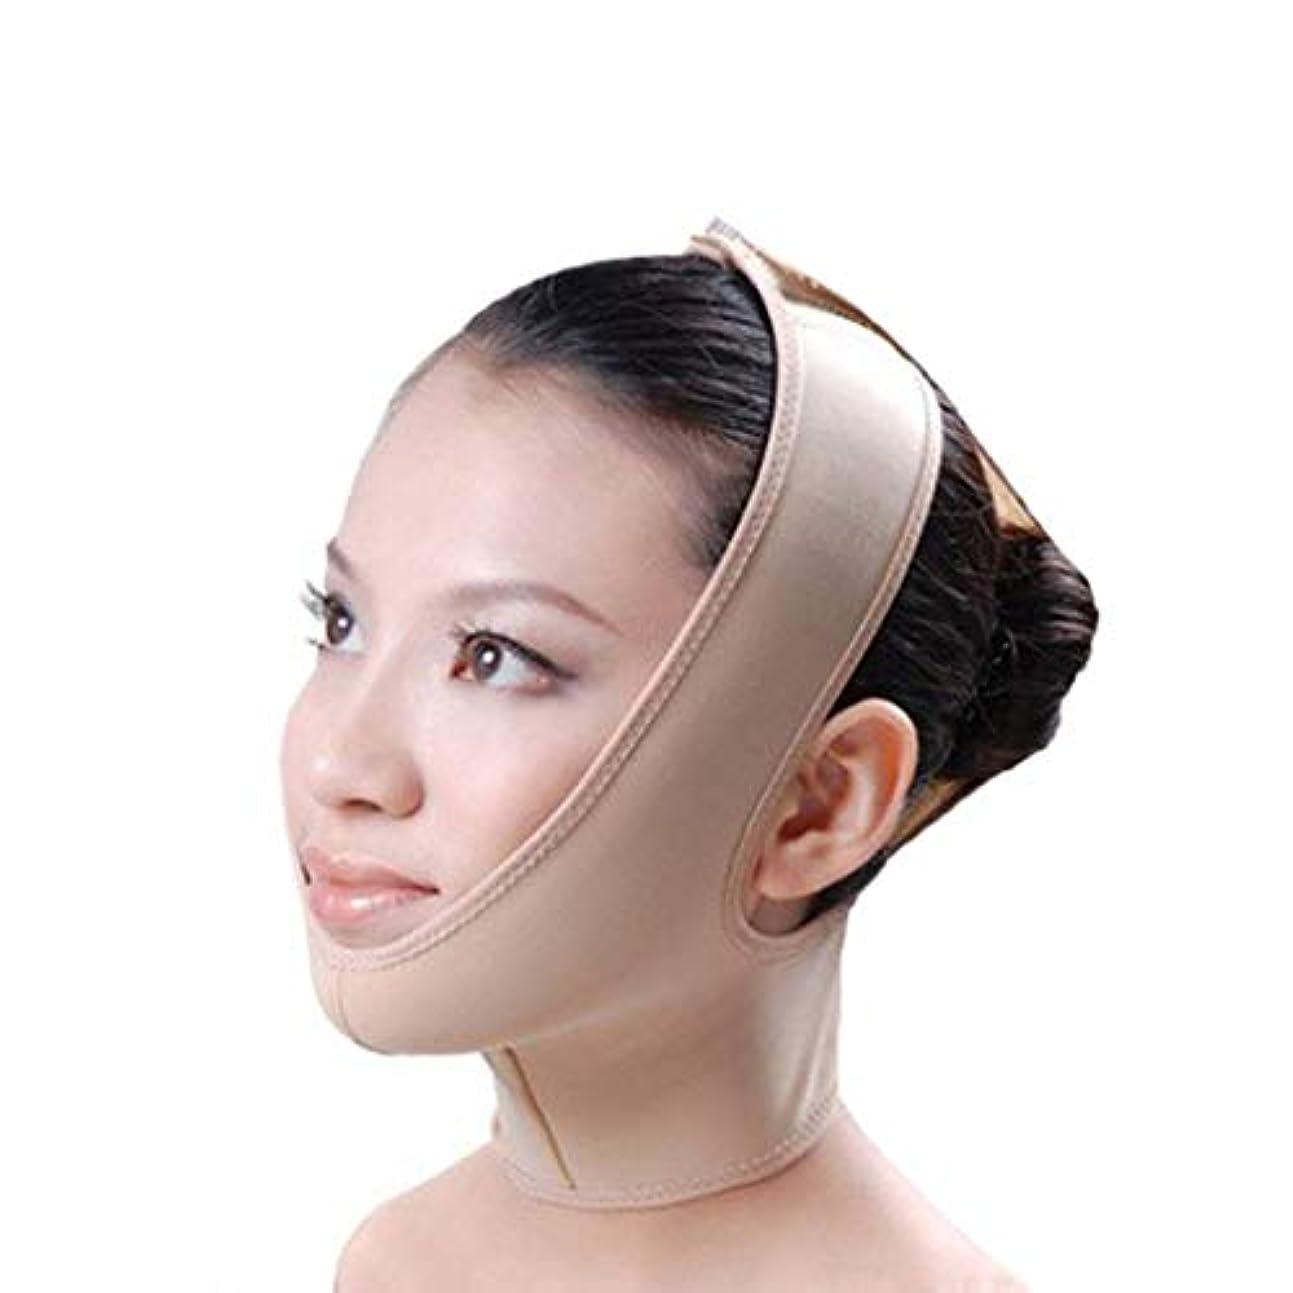 音楽権利を与える浸食フェイススリム、リフティングマスク、包帯リフト、二重あご、引き締めフェイシャルリフト、フェイシャル減量マスク、リフティングスキン包帯(サイズ:XL),XL